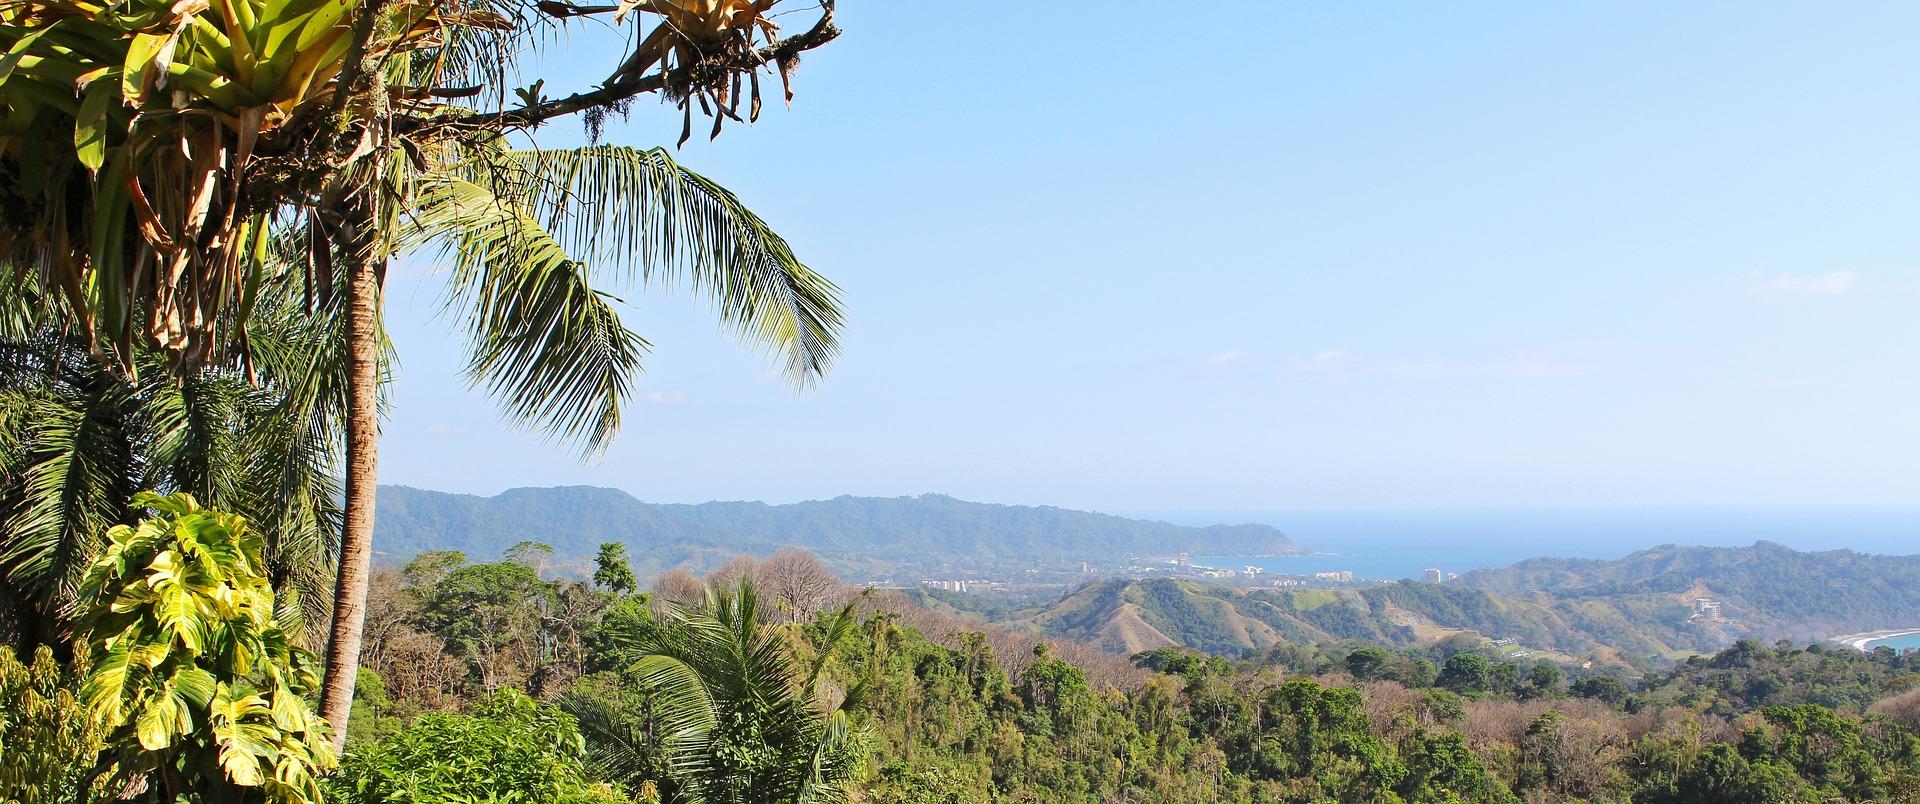 Costa Rica - Sehenswürdigkeiten, Strände & die wichtigsten Informationen